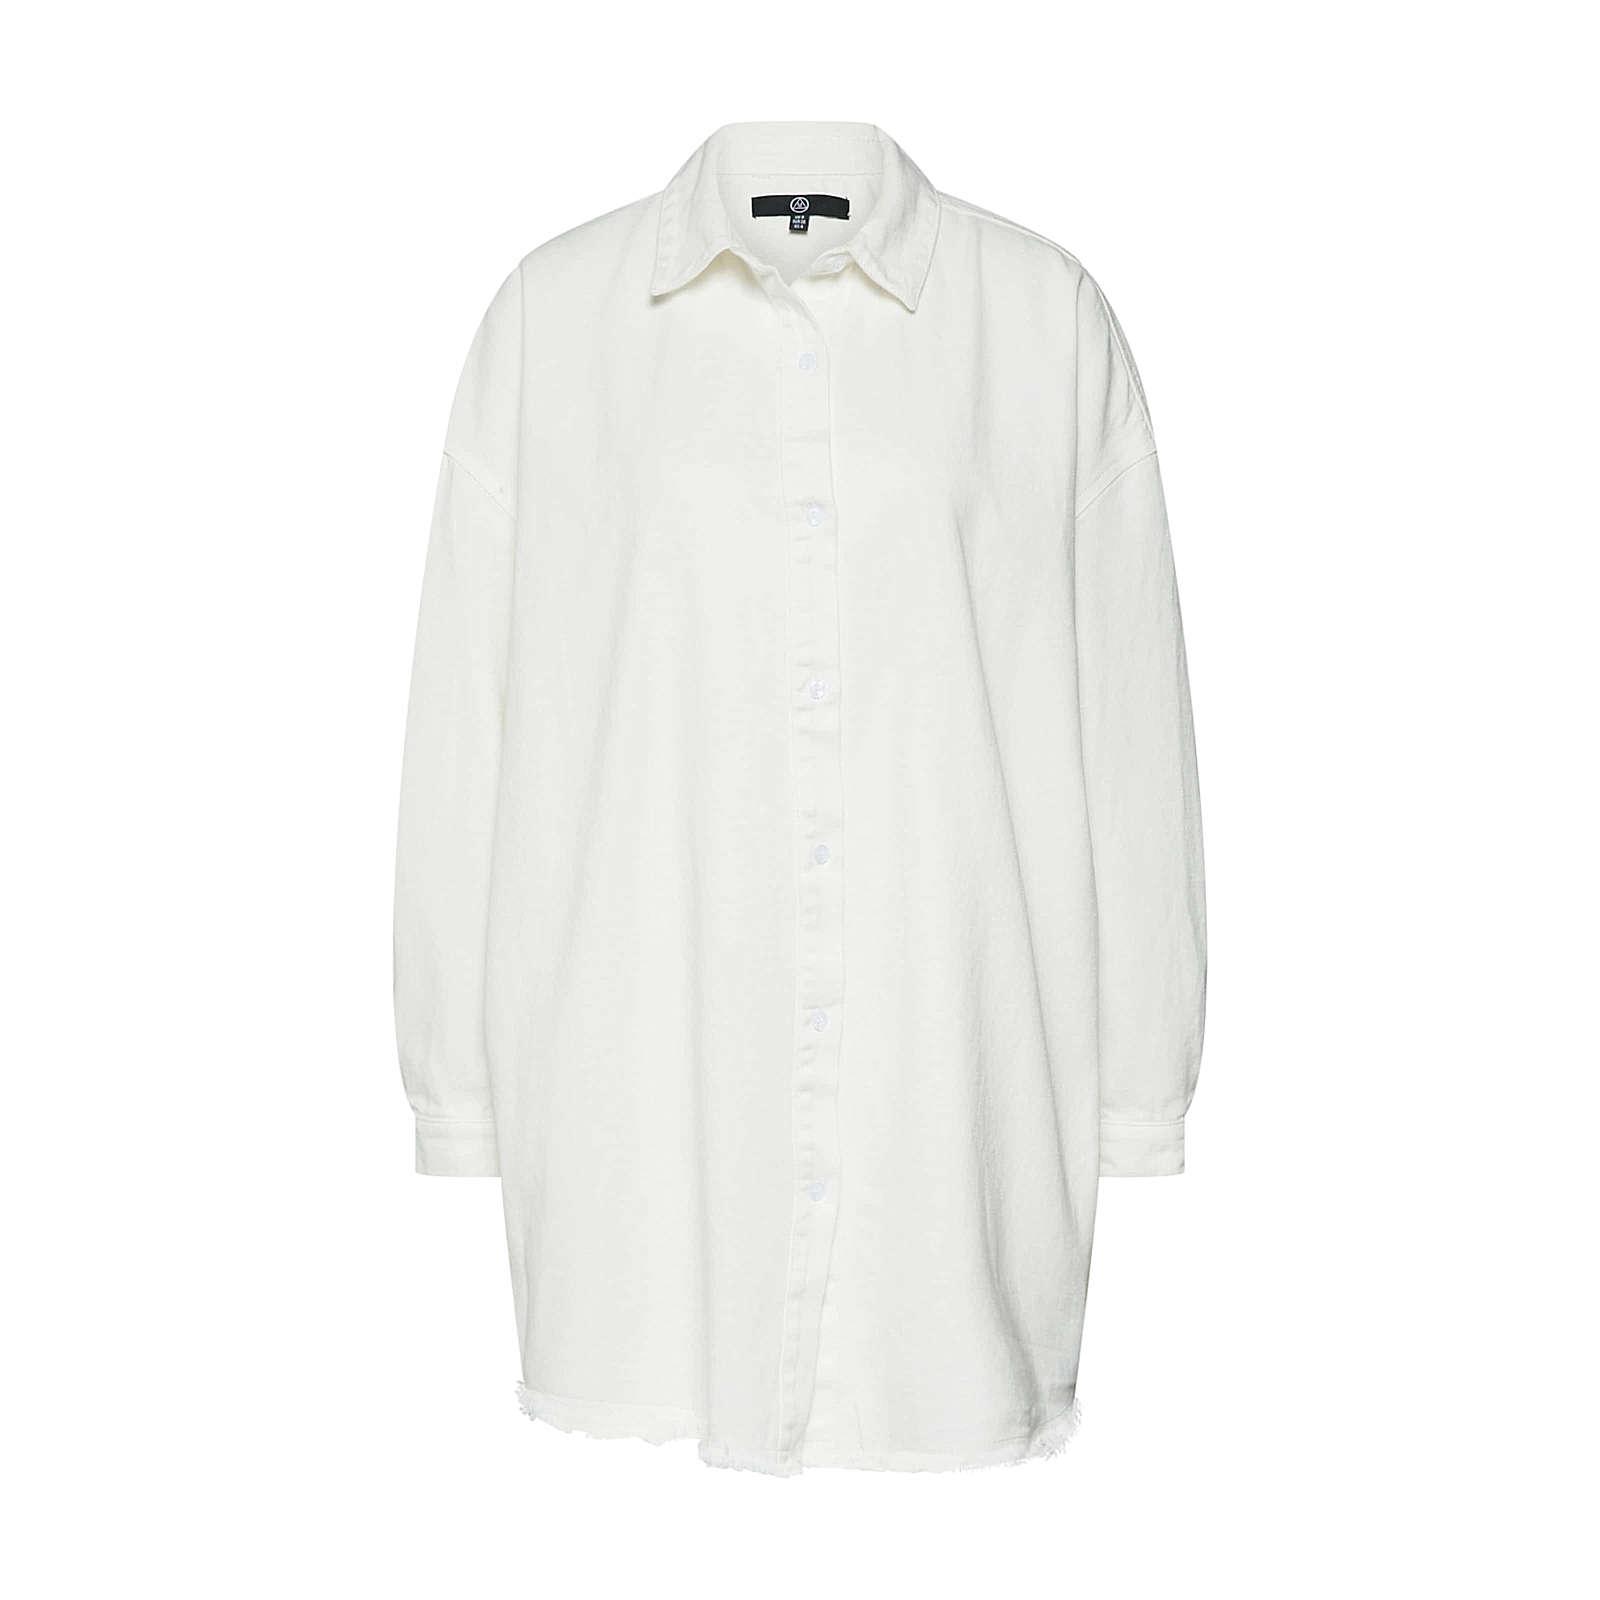 Missguided Blusenkleid Blusenkleider weiß Damen Gr. 42